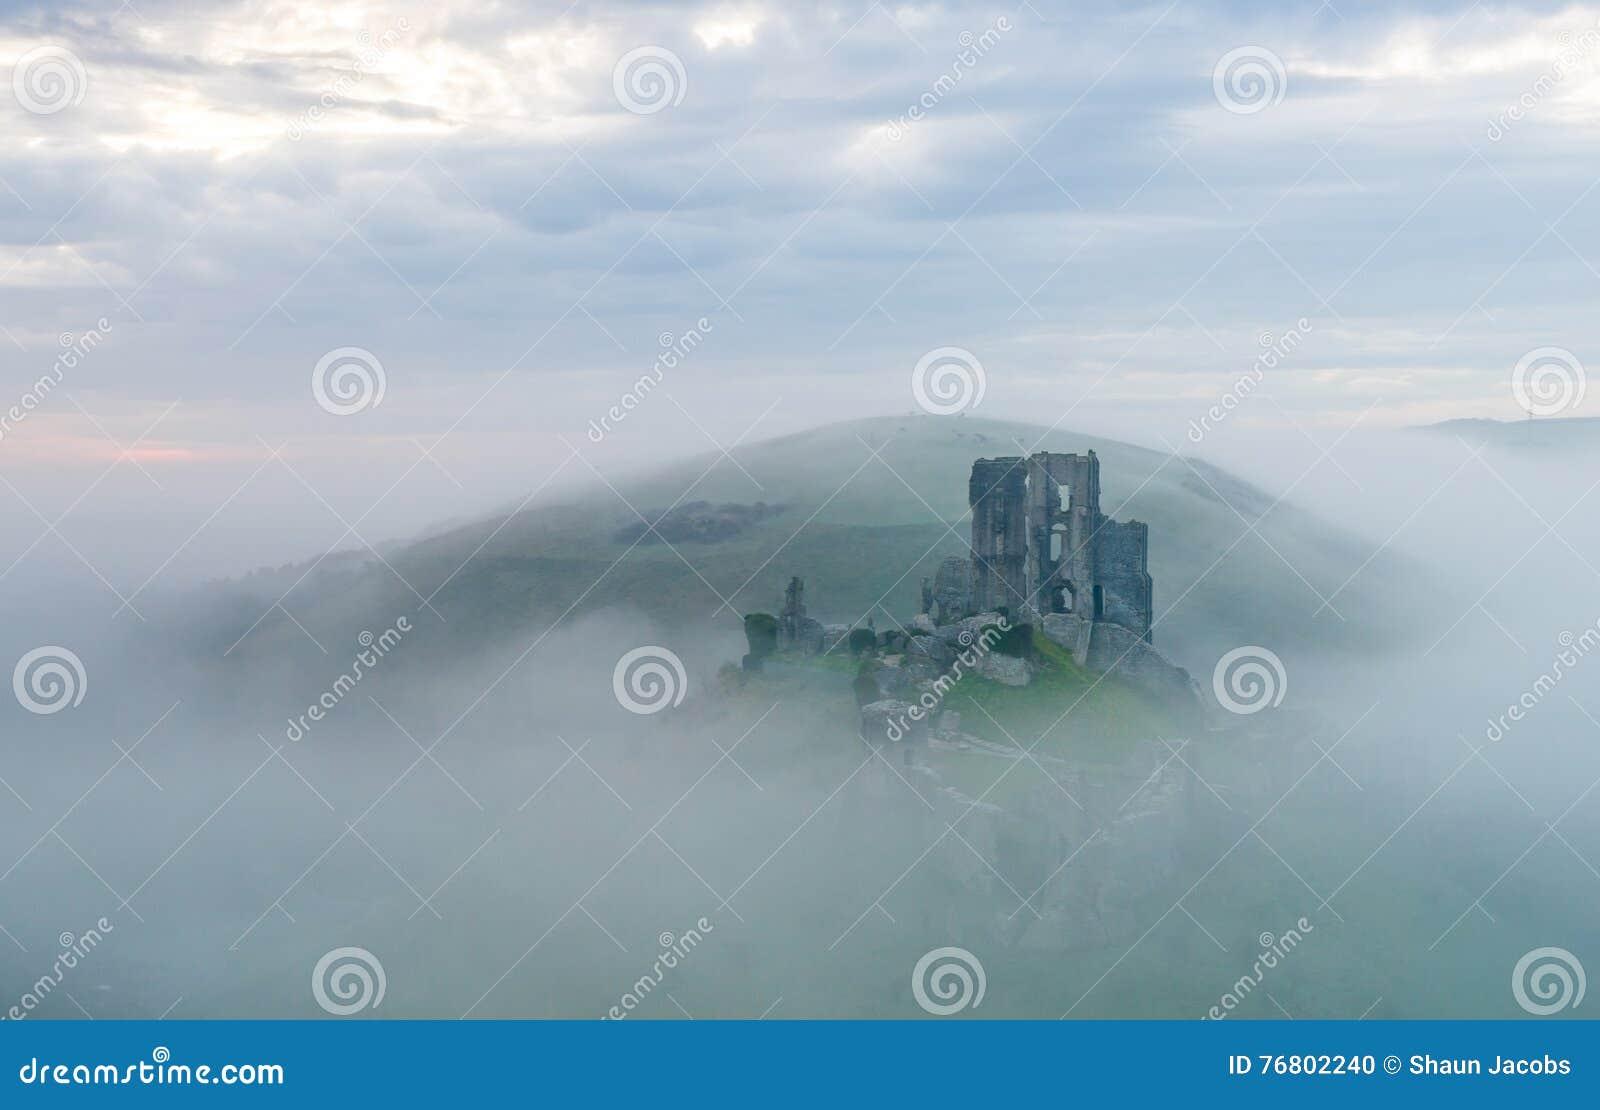 Castelo de Corfe em uma manhã enevoada